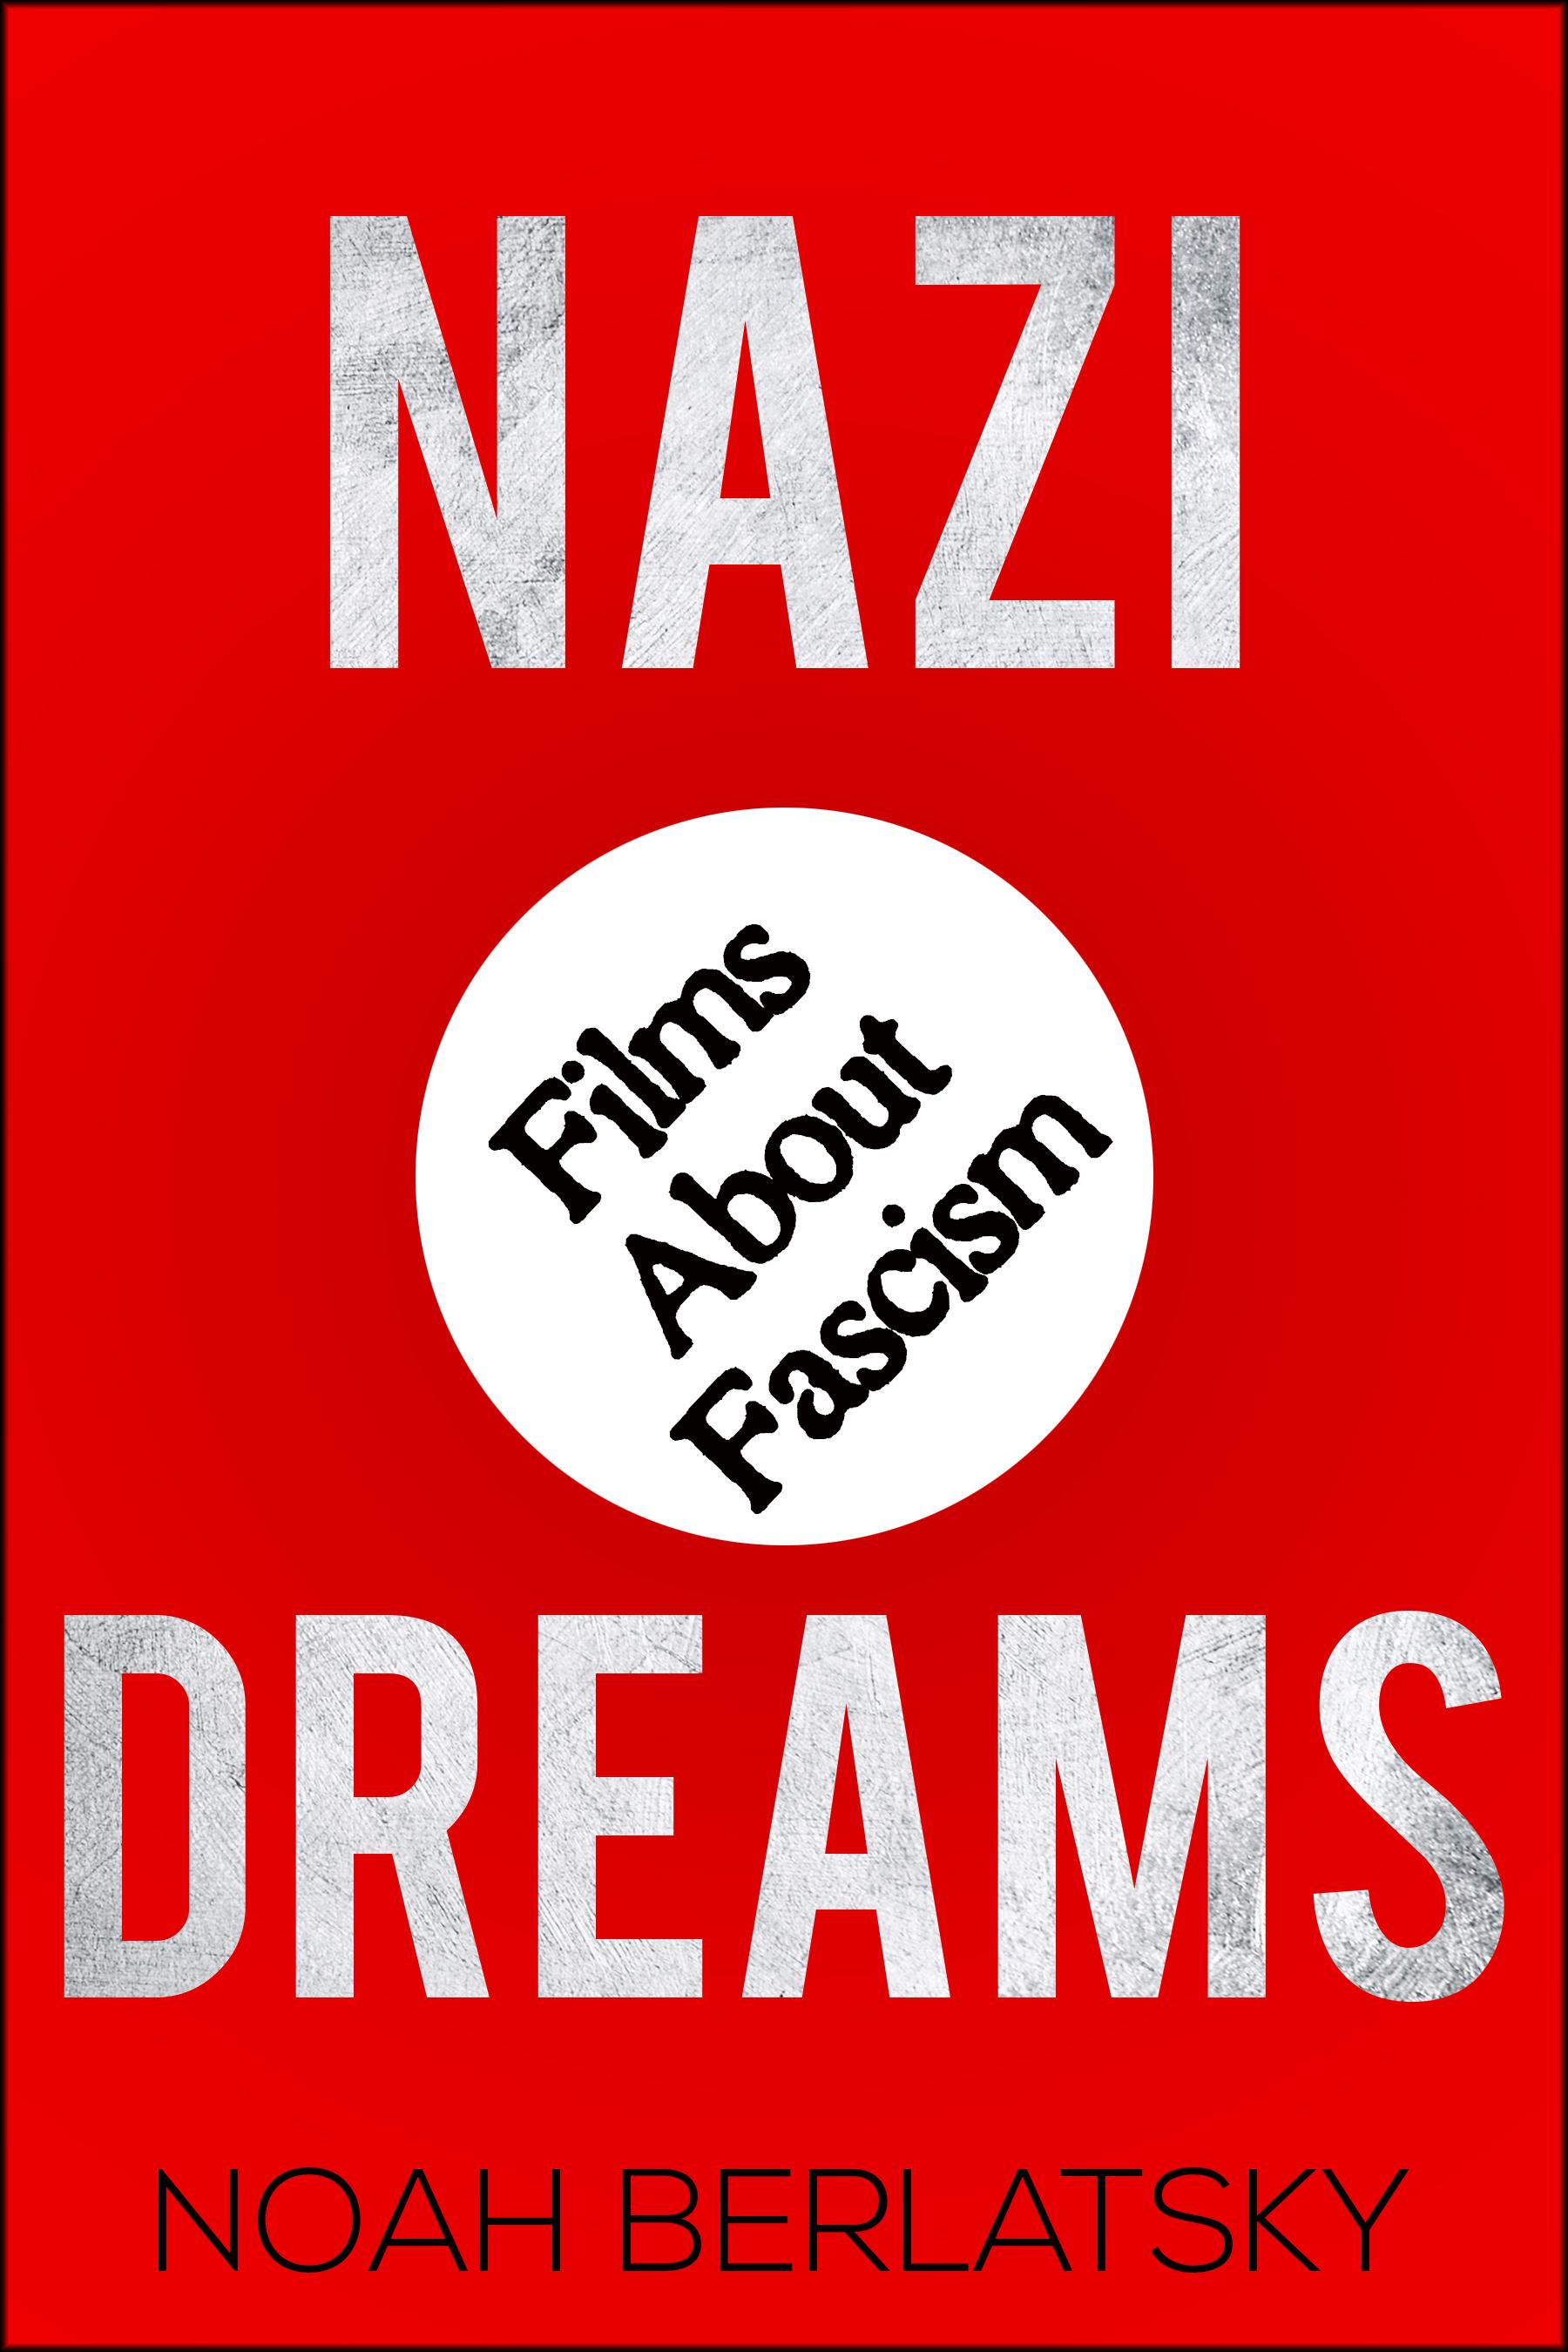 Berlatsky - American Fascism - v2.jpg